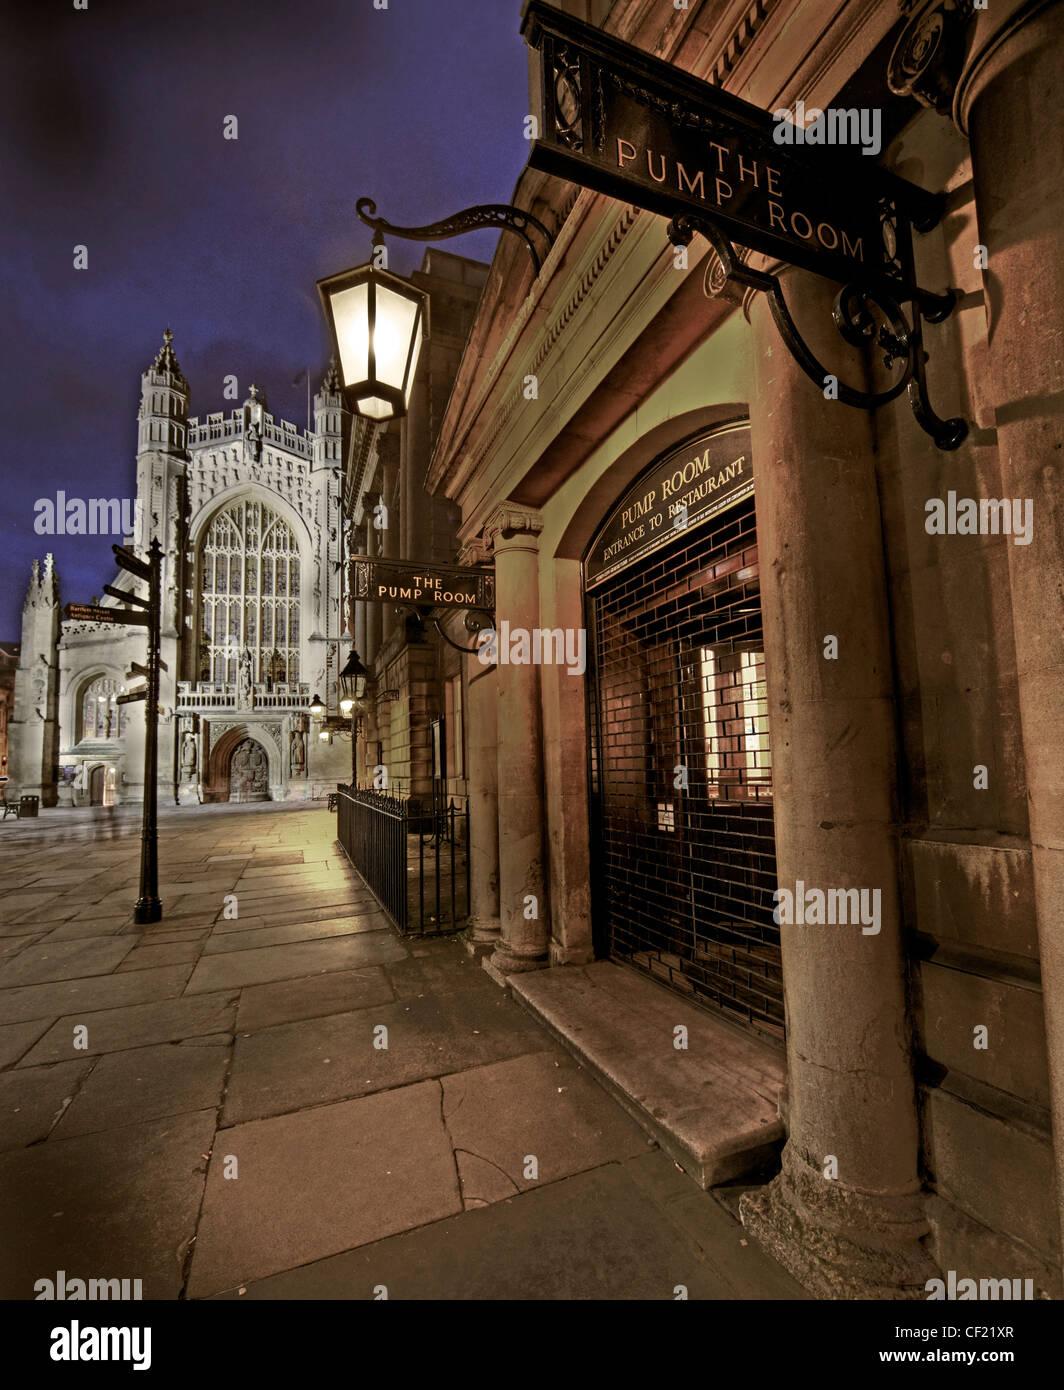 Laden Sie dieses Alamy Stockfoto Stadt Bath, Trinkhalle und Abtei bei Abenddämmerung Uk GB - CF21XR